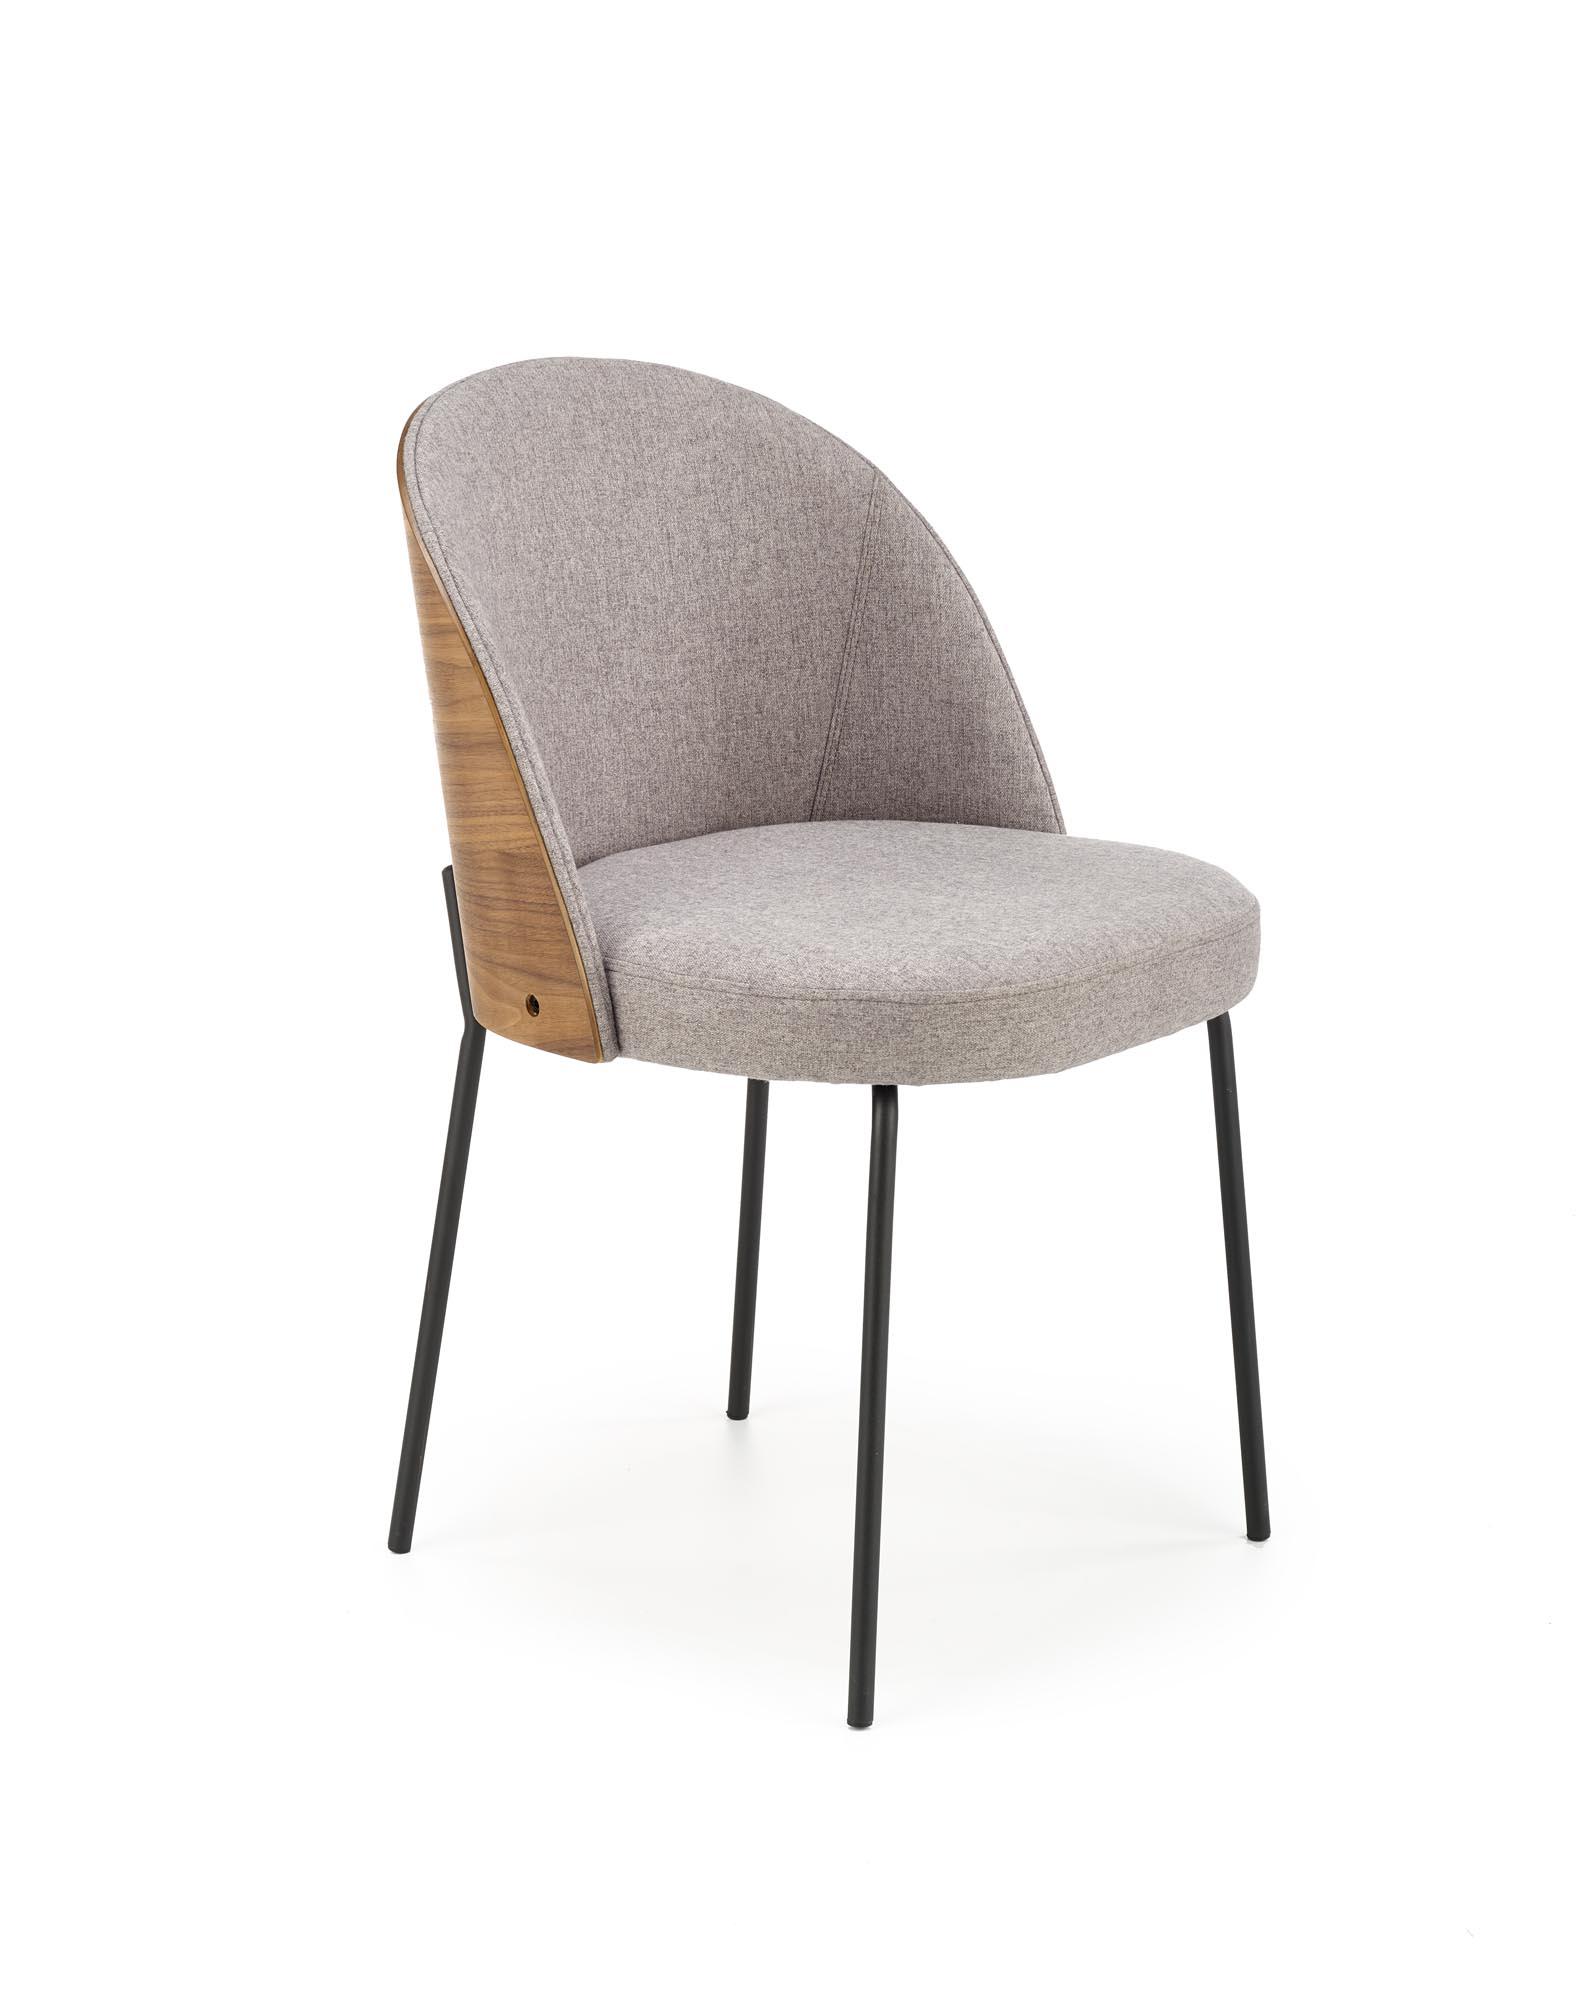 K451 krzesło popielaty/jasny orzech